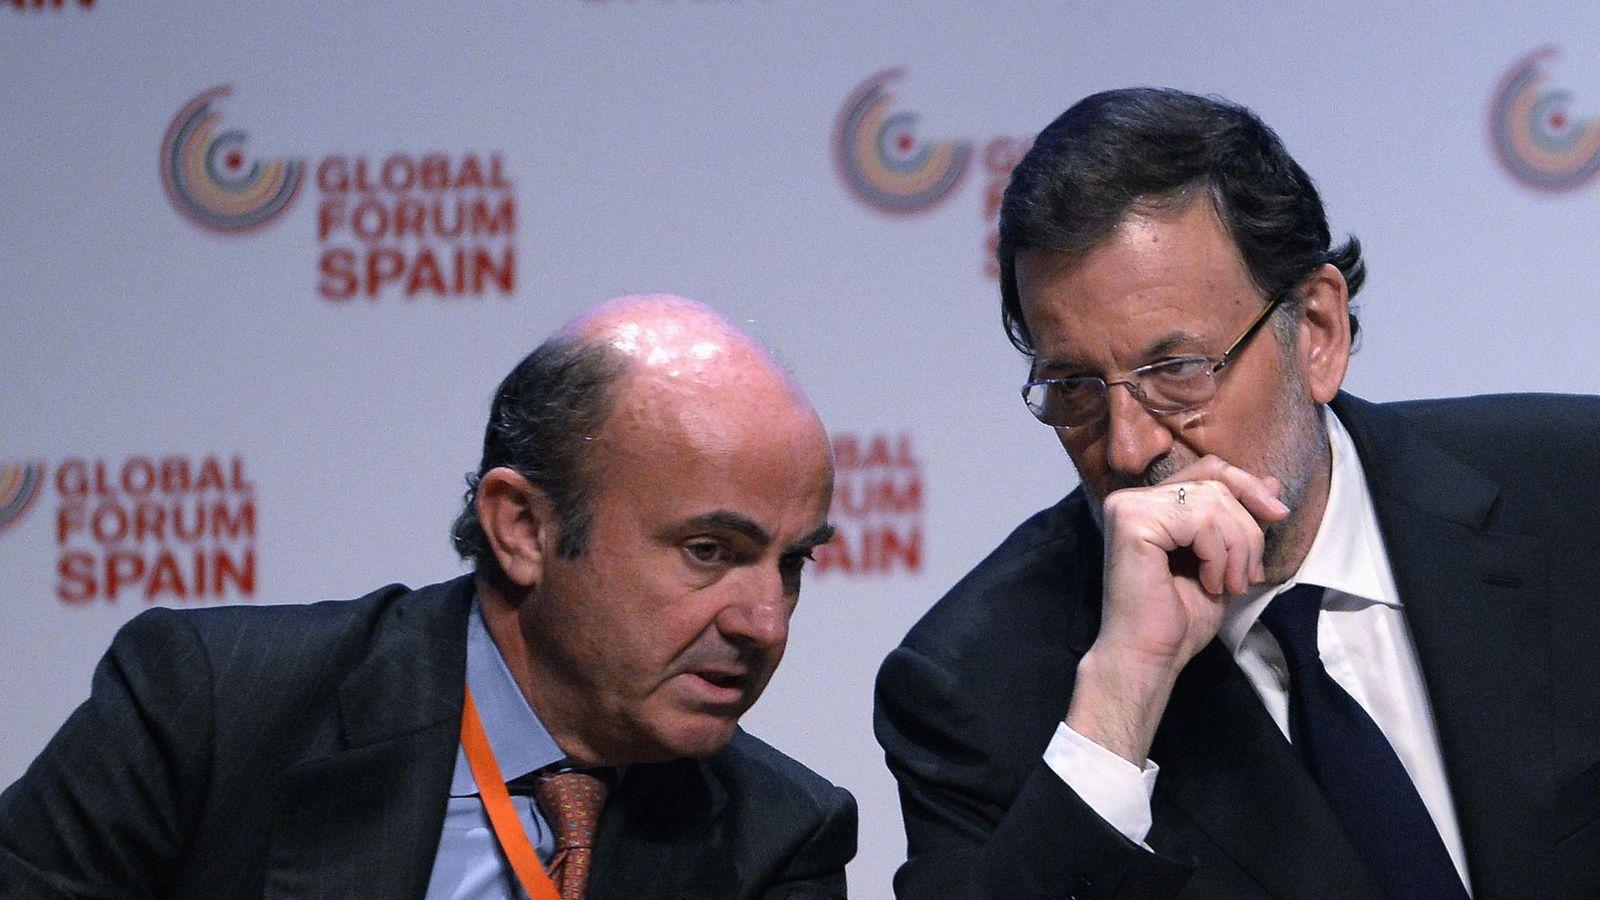 Foto: El ministro de Economía Luis de Guindos (i) junto a Mariano Rajoy en una imagen de archivo (EFE)